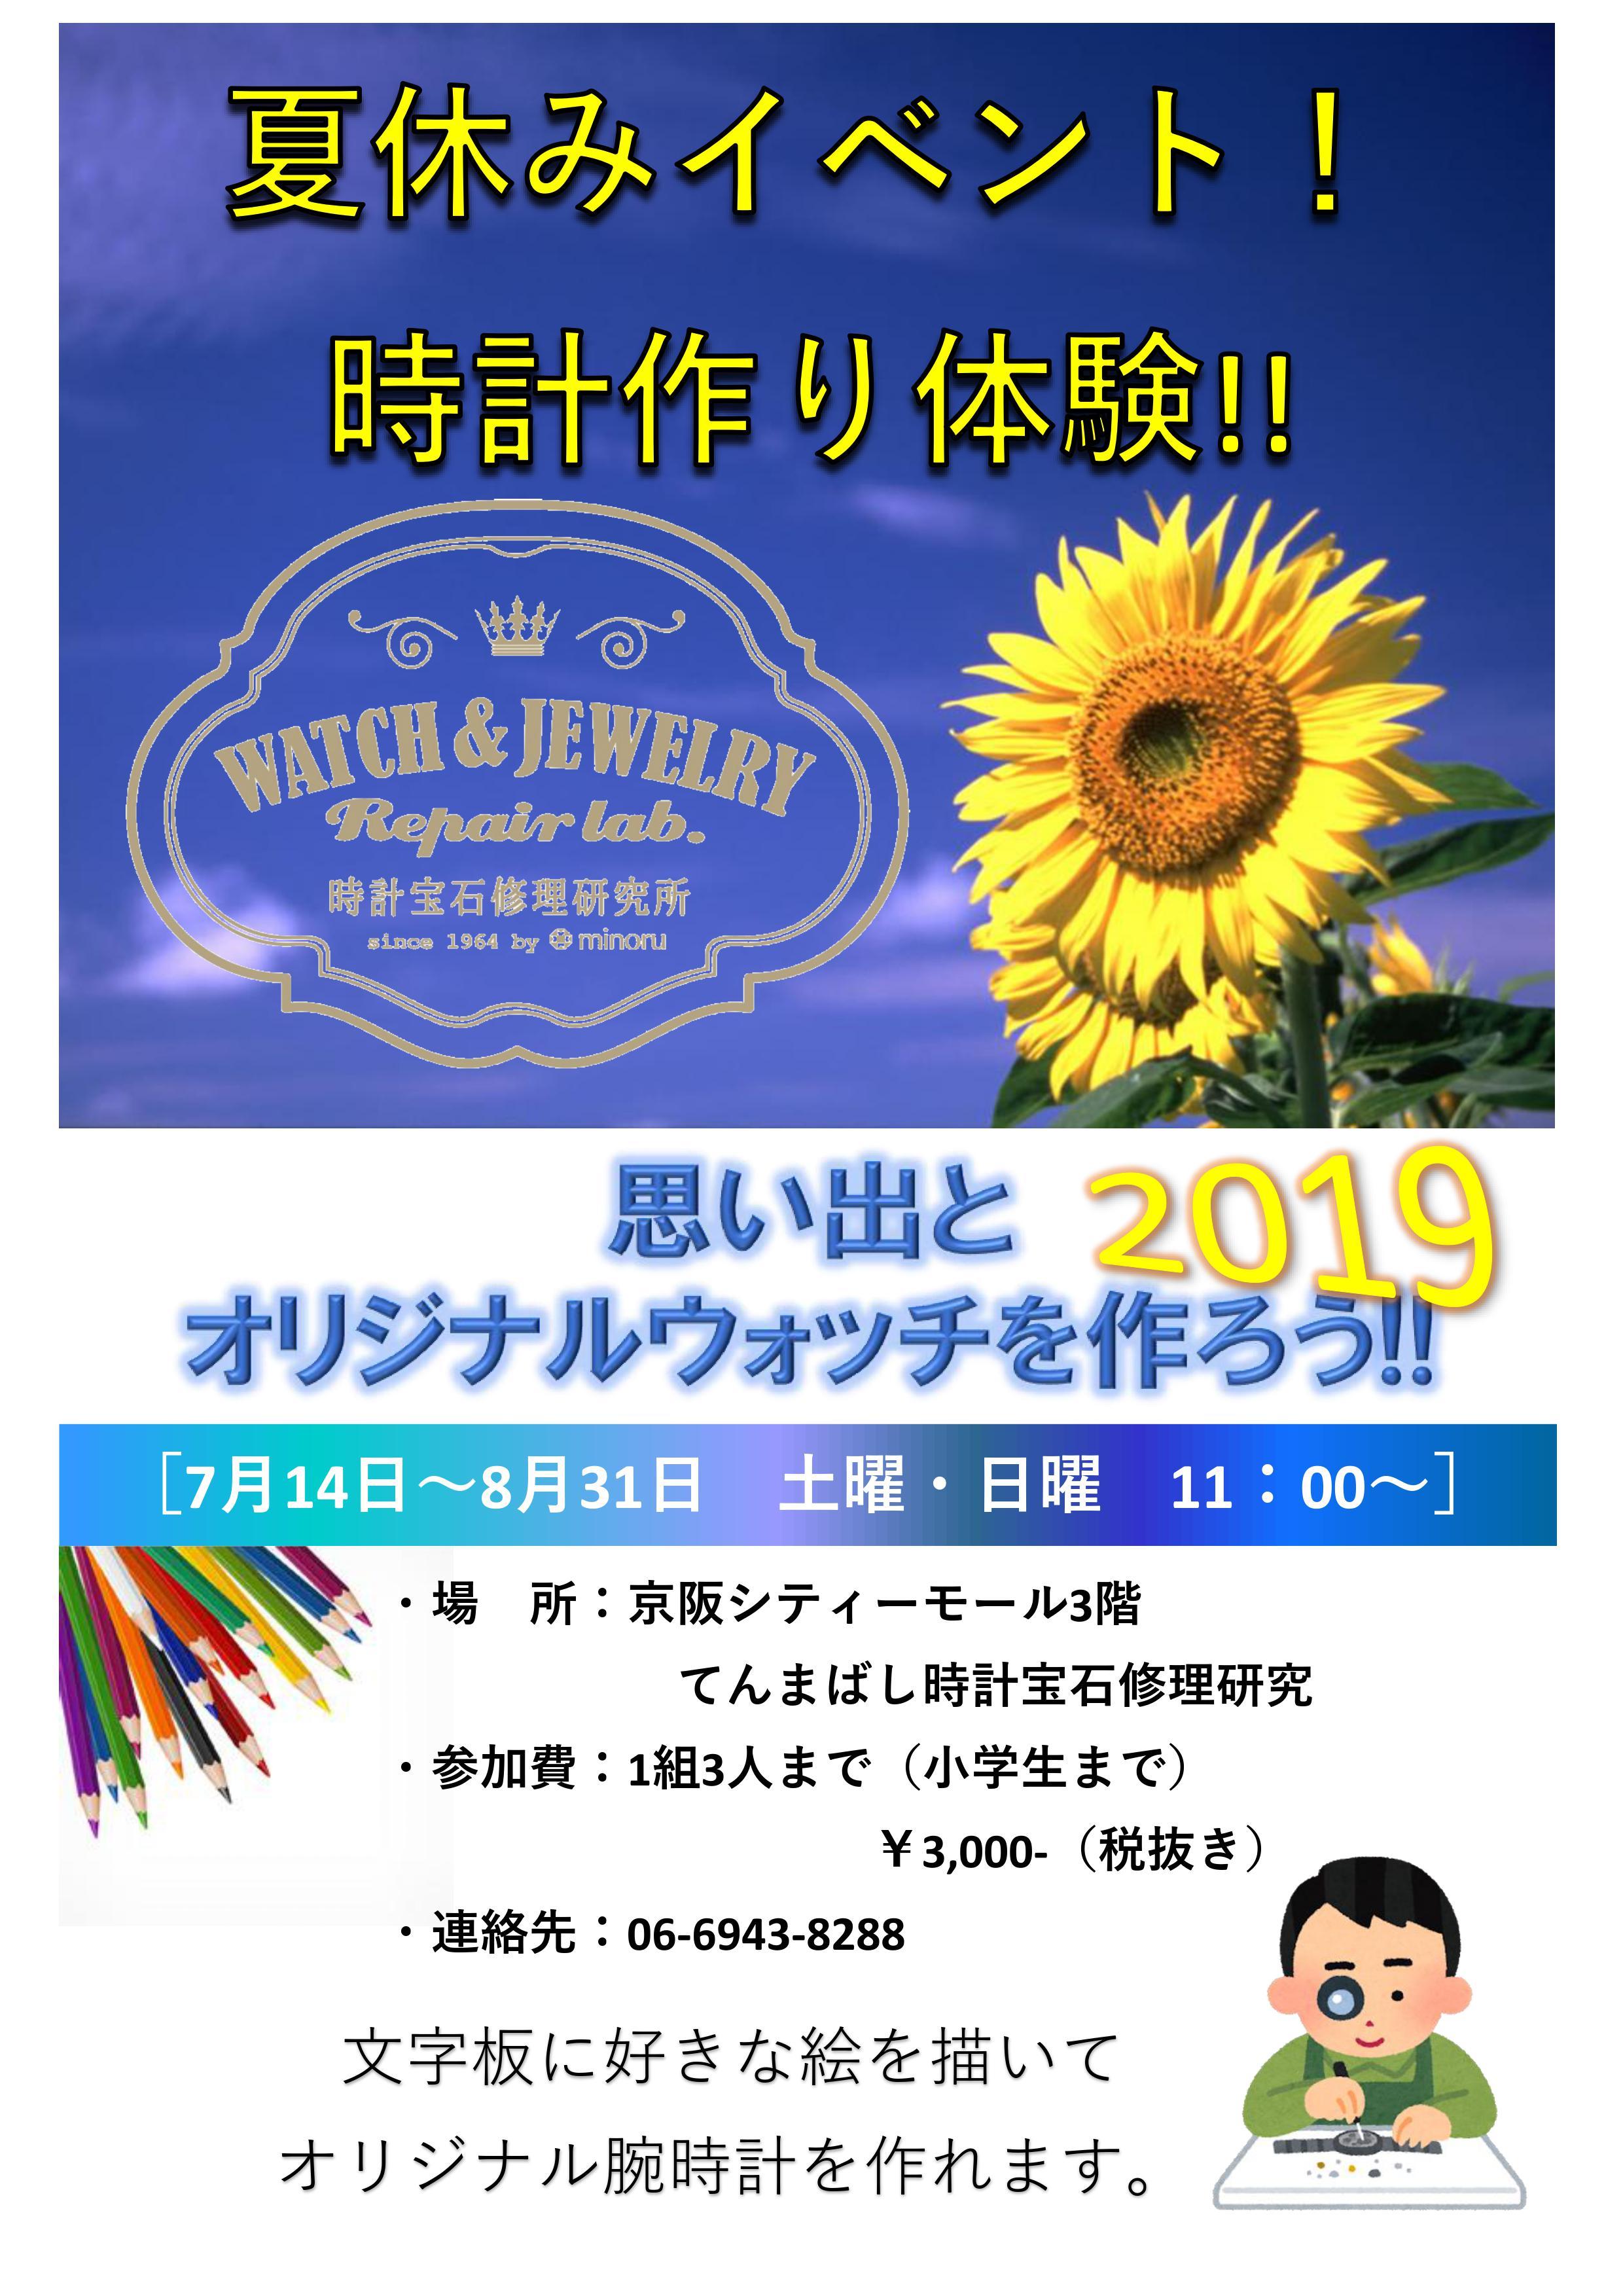 【イベント】夏休み!!思い出とオリジナルウォッチを作ろう!2019 予約開始!!